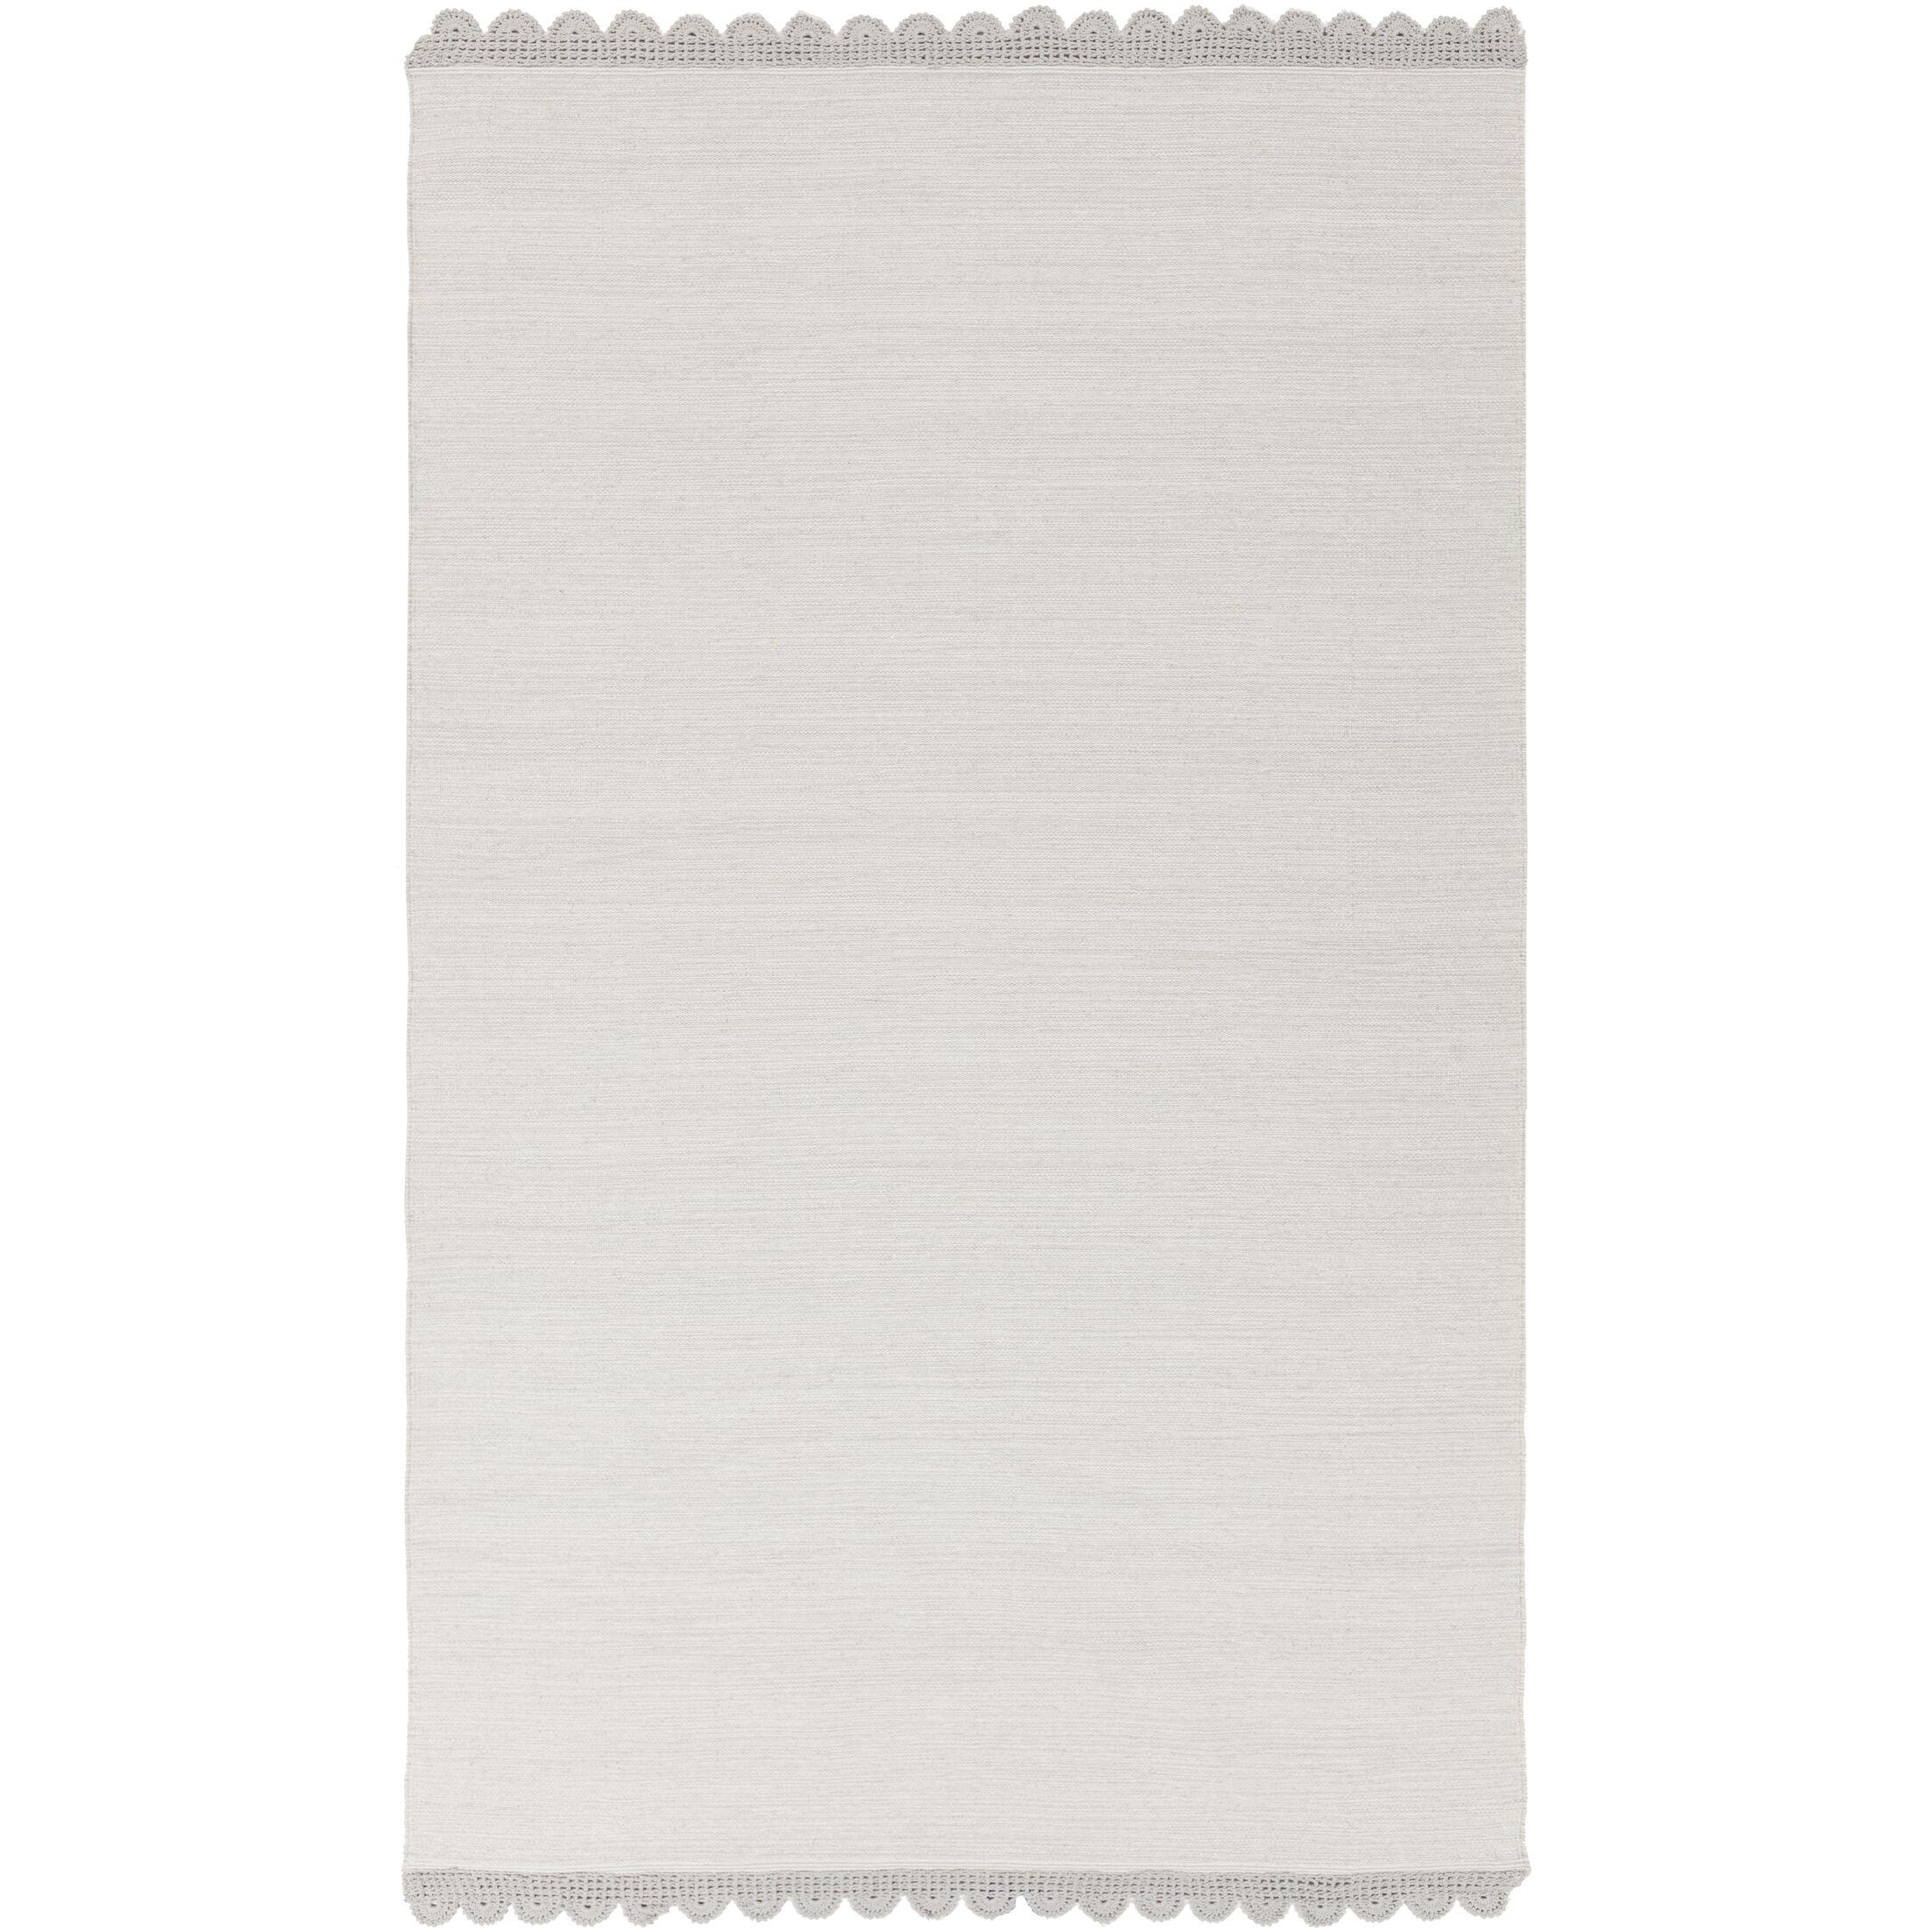 Nicol Hand-Woven Light Gray Area Rug Rug Size: Rectangle 8' x 10'